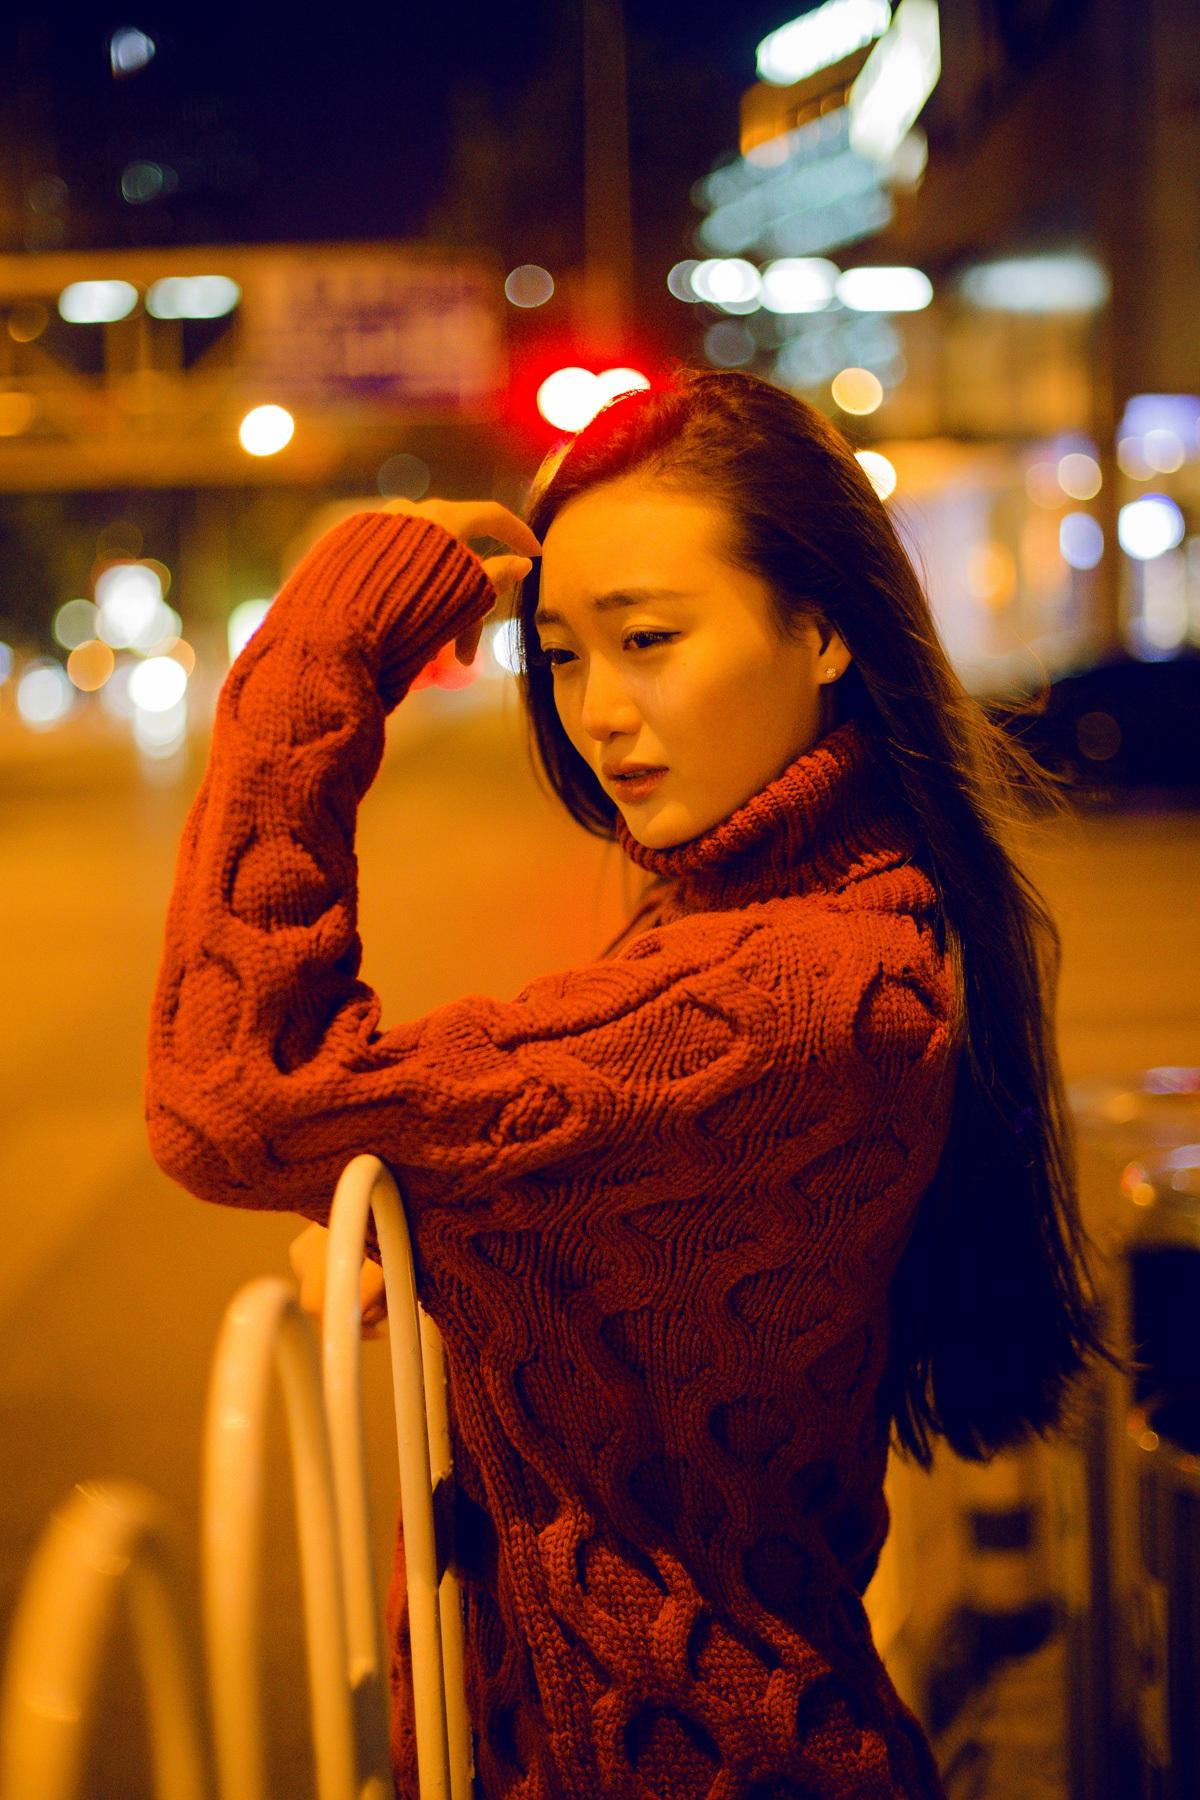 缘份不会随意而来,请善待每一个遇见【情感美文】 - 花仙子 - 花仙子的博客